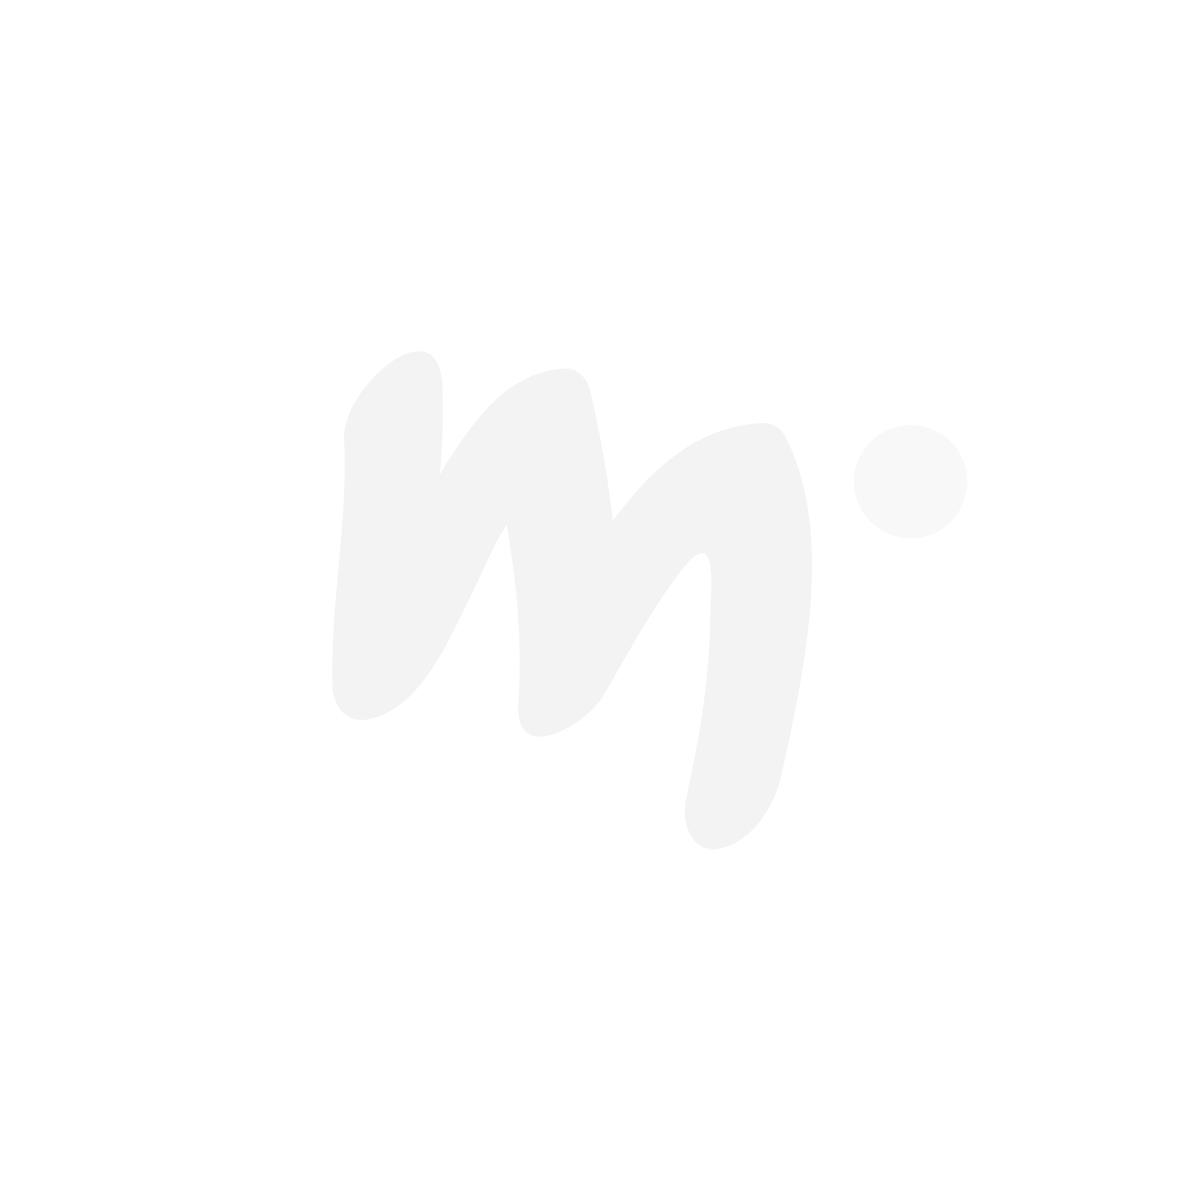 Peppi Pitkätossu Riemukas-huppari punainen